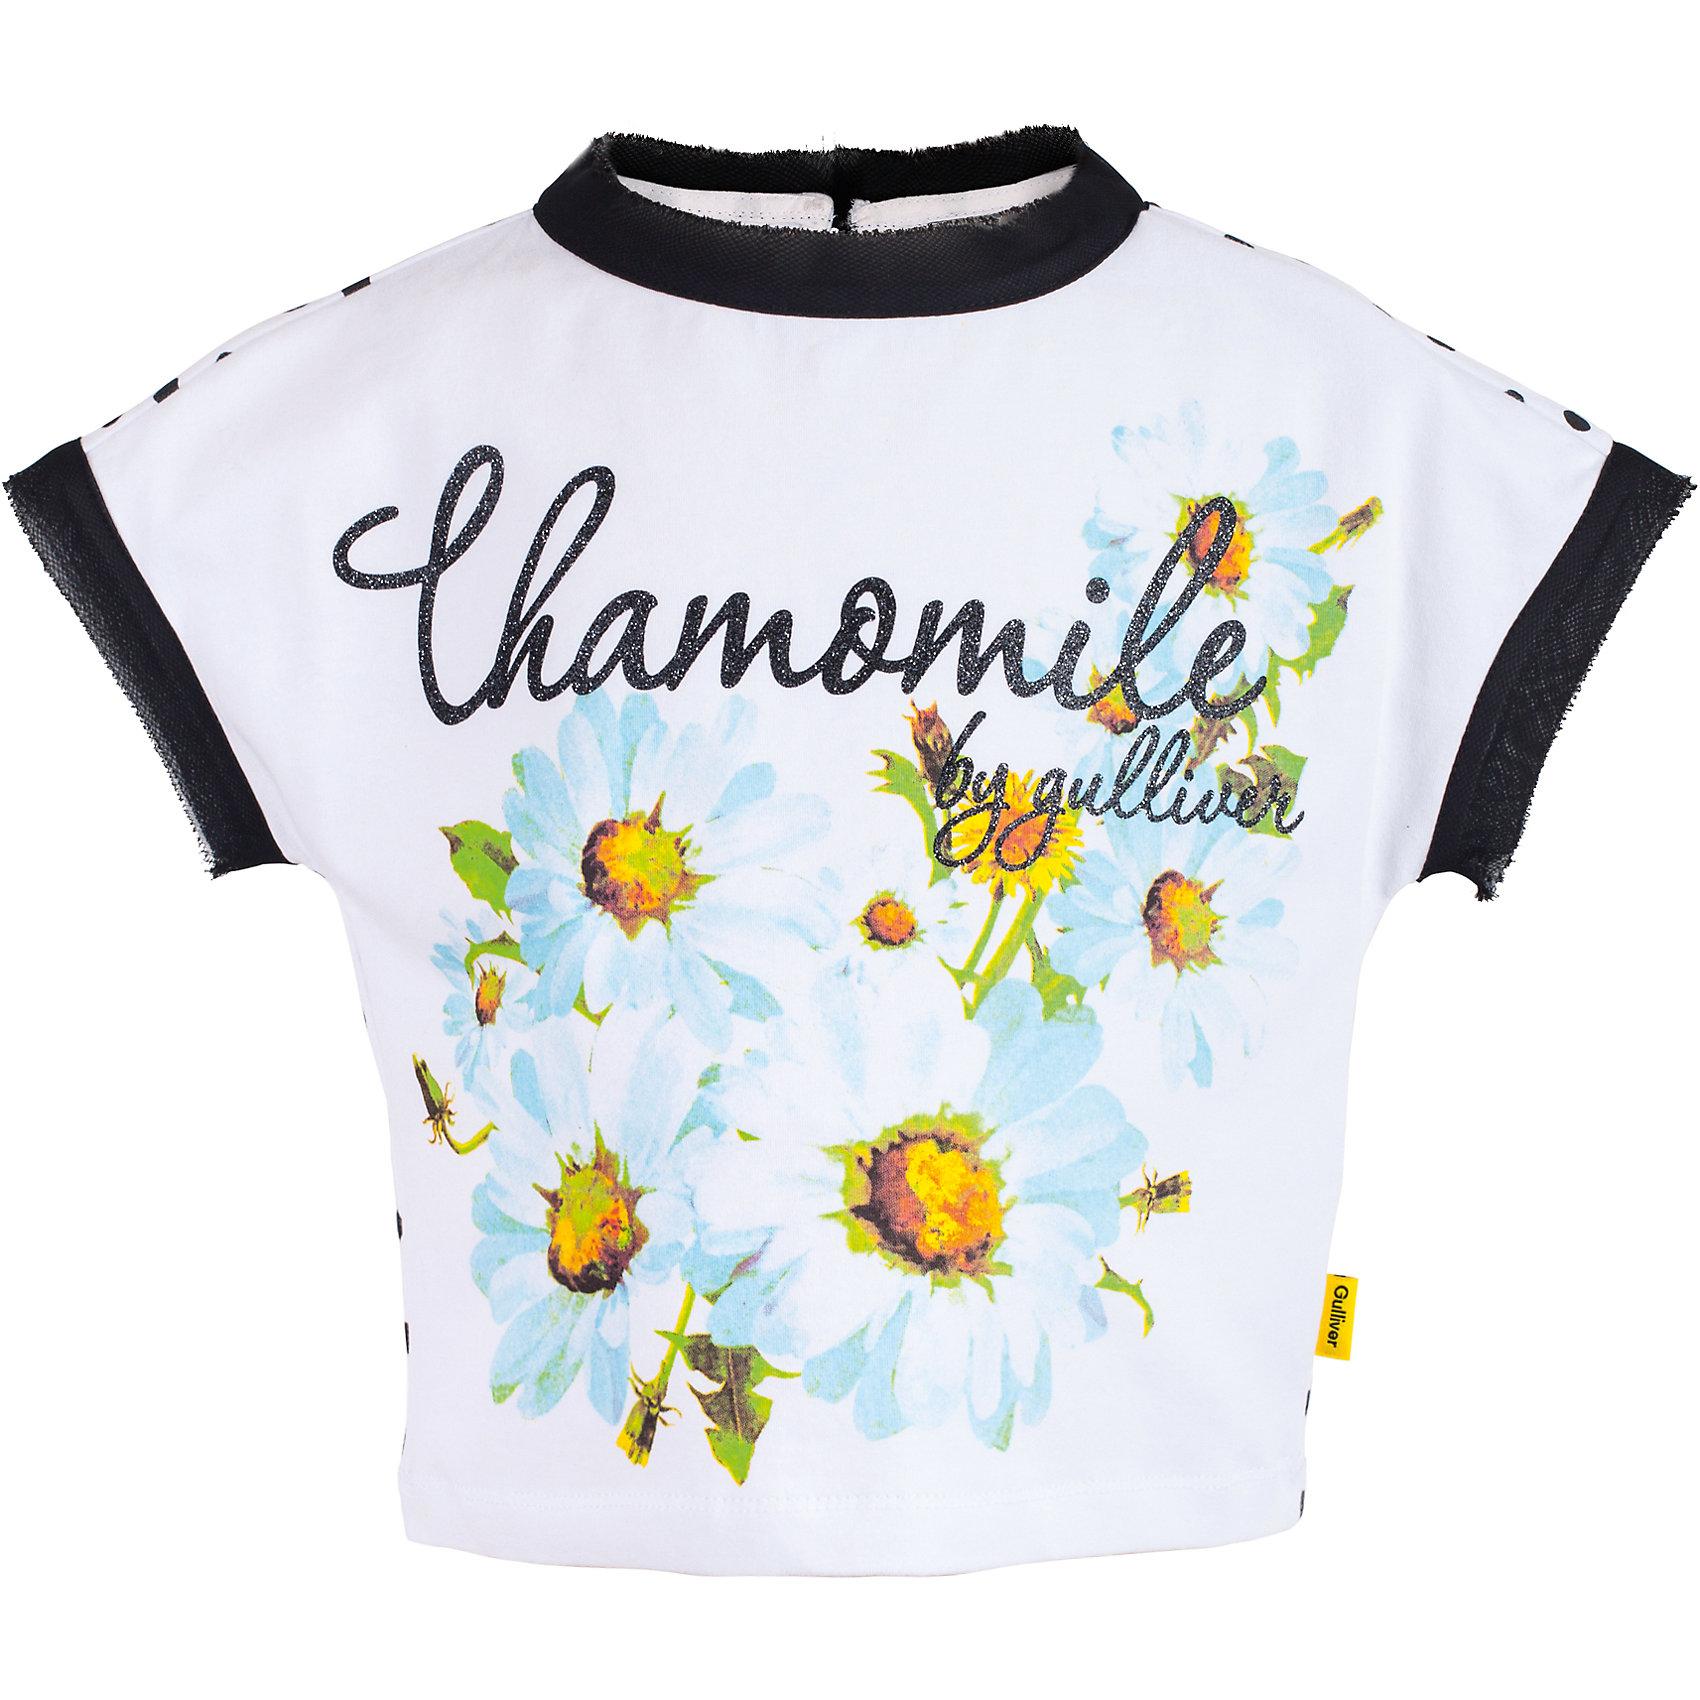 Футболка для девочки GulliverФутболки, поло и топы<br>Белая футболка для девочки из коллекции Ромашка - лучший пример футболки с рисунком. Модный свободный силуэт, комбинация глади и горошка, а также оригинальный шрифтовой декор, выполненный в технике принта с сияющей алмазной крошкой, делают изделие новым и выразительным. Если вы хотите освежить летний гардероб юной модницы, добавив в него новизну и оригинальность, вам стоит купить футболку из коллекции Ромашка. Она подарит вашему ребенку массу положительных эмоций и сделает ее образ запоминающимся.<br>Состав:<br>95% хлопок      5% эластан<br><br>Ширина мм: 199<br>Глубина мм: 10<br>Высота мм: 161<br>Вес г: 151<br>Цвет: белый<br>Возраст от месяцев: 24<br>Возраст до месяцев: 36<br>Пол: Женский<br>Возраст: Детский<br>Размер: 98,104,110,116<br>SKU: 5483534